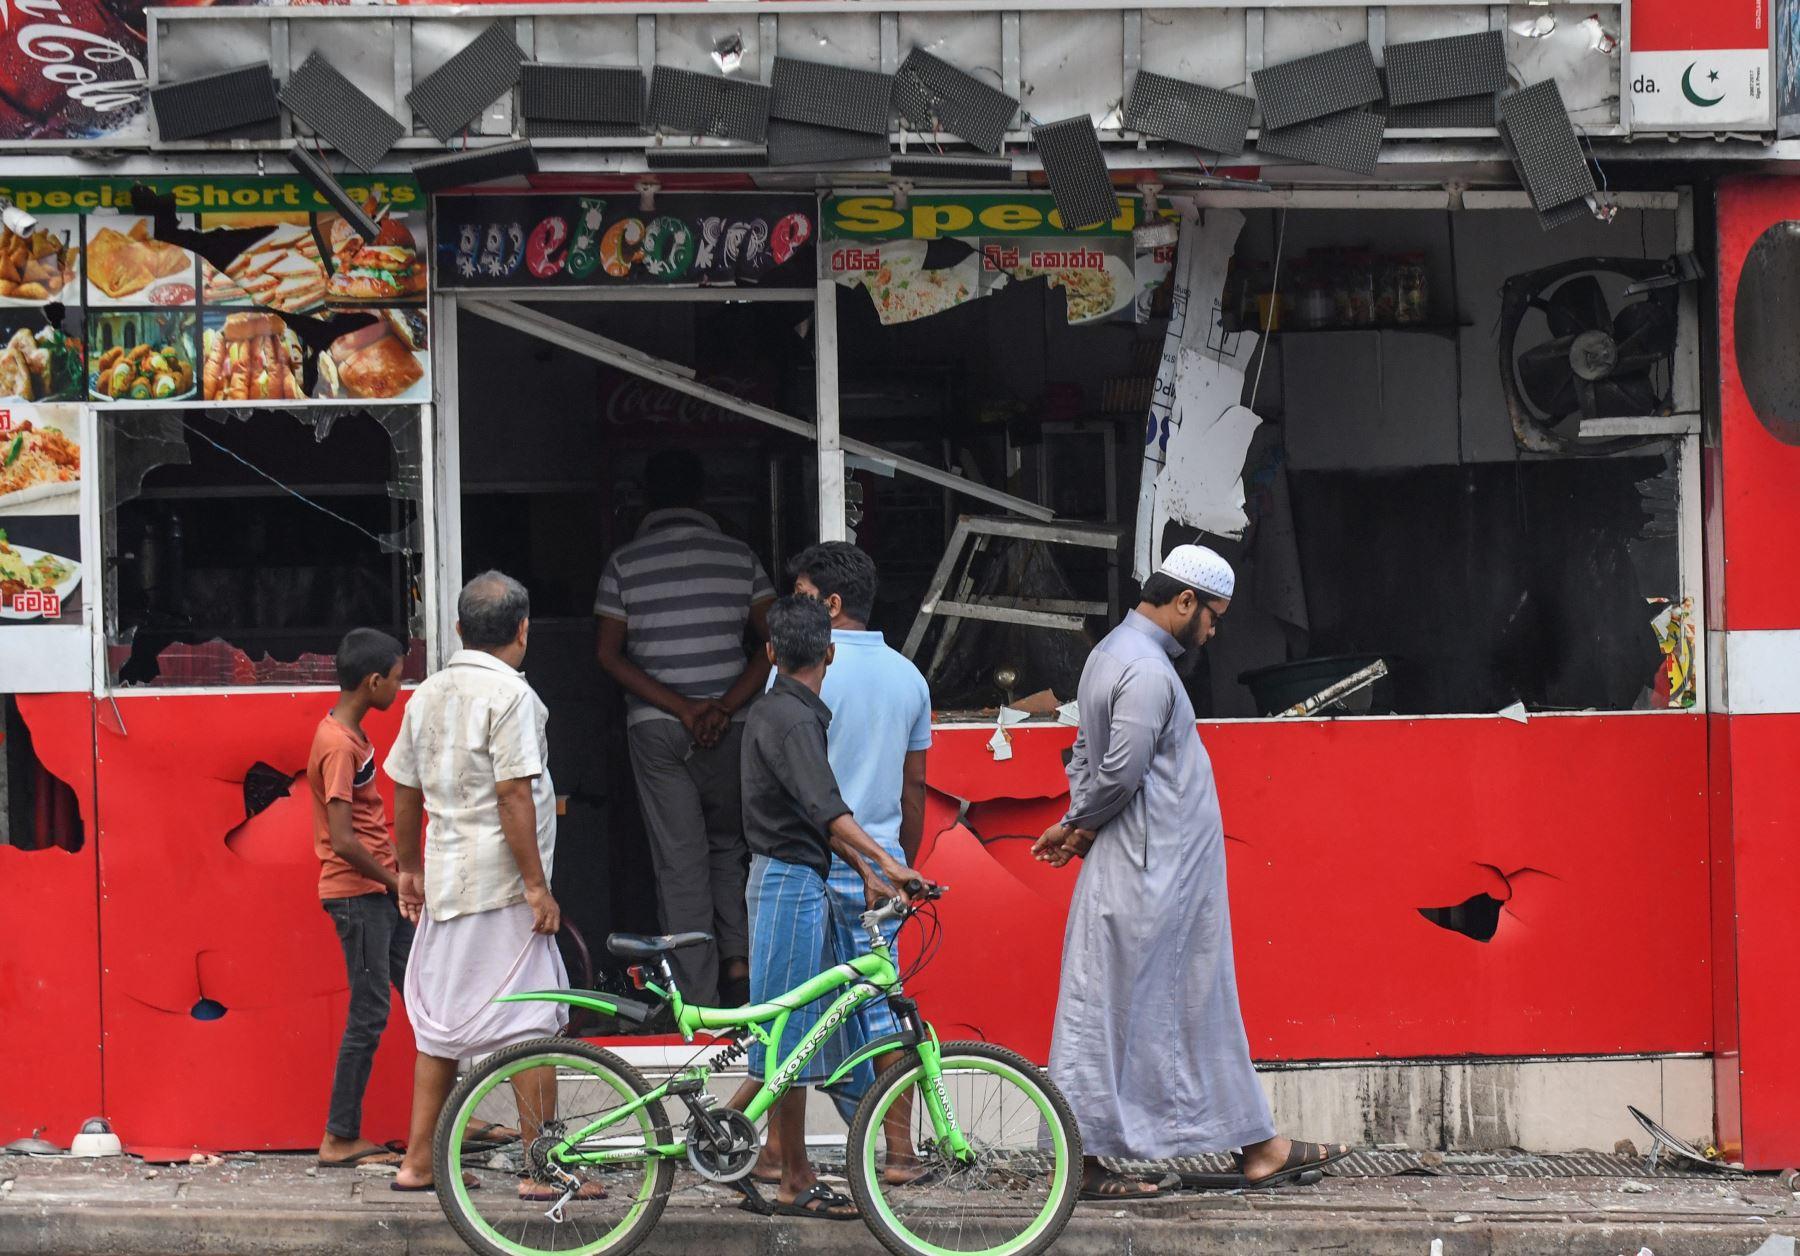 Tienda dañada después de un ataque en Sri Lanka. Foto: AFP